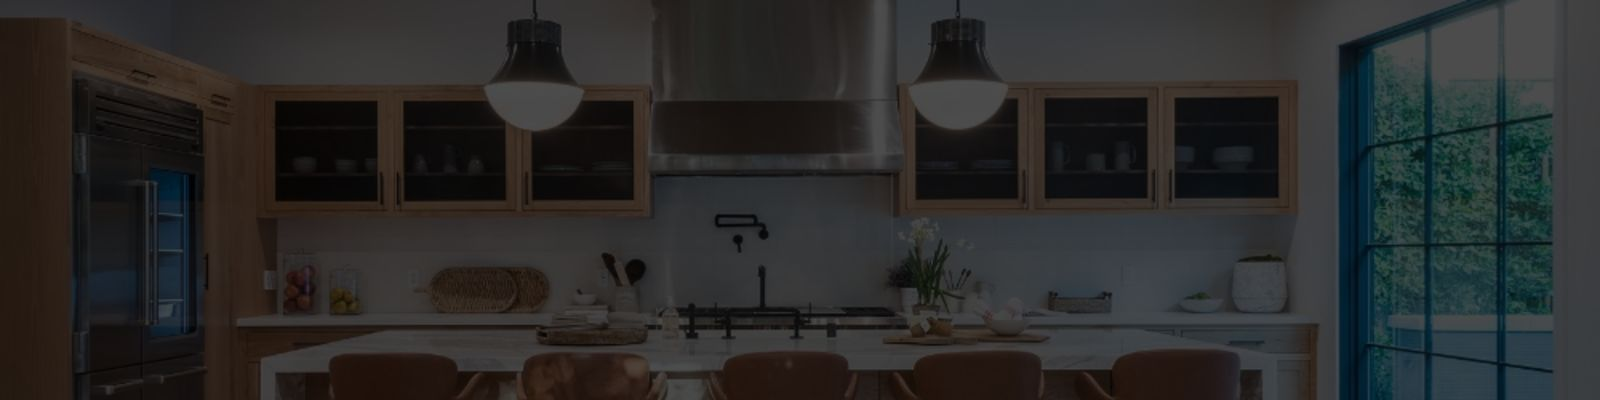 kitchen designs pros in Buccleuch